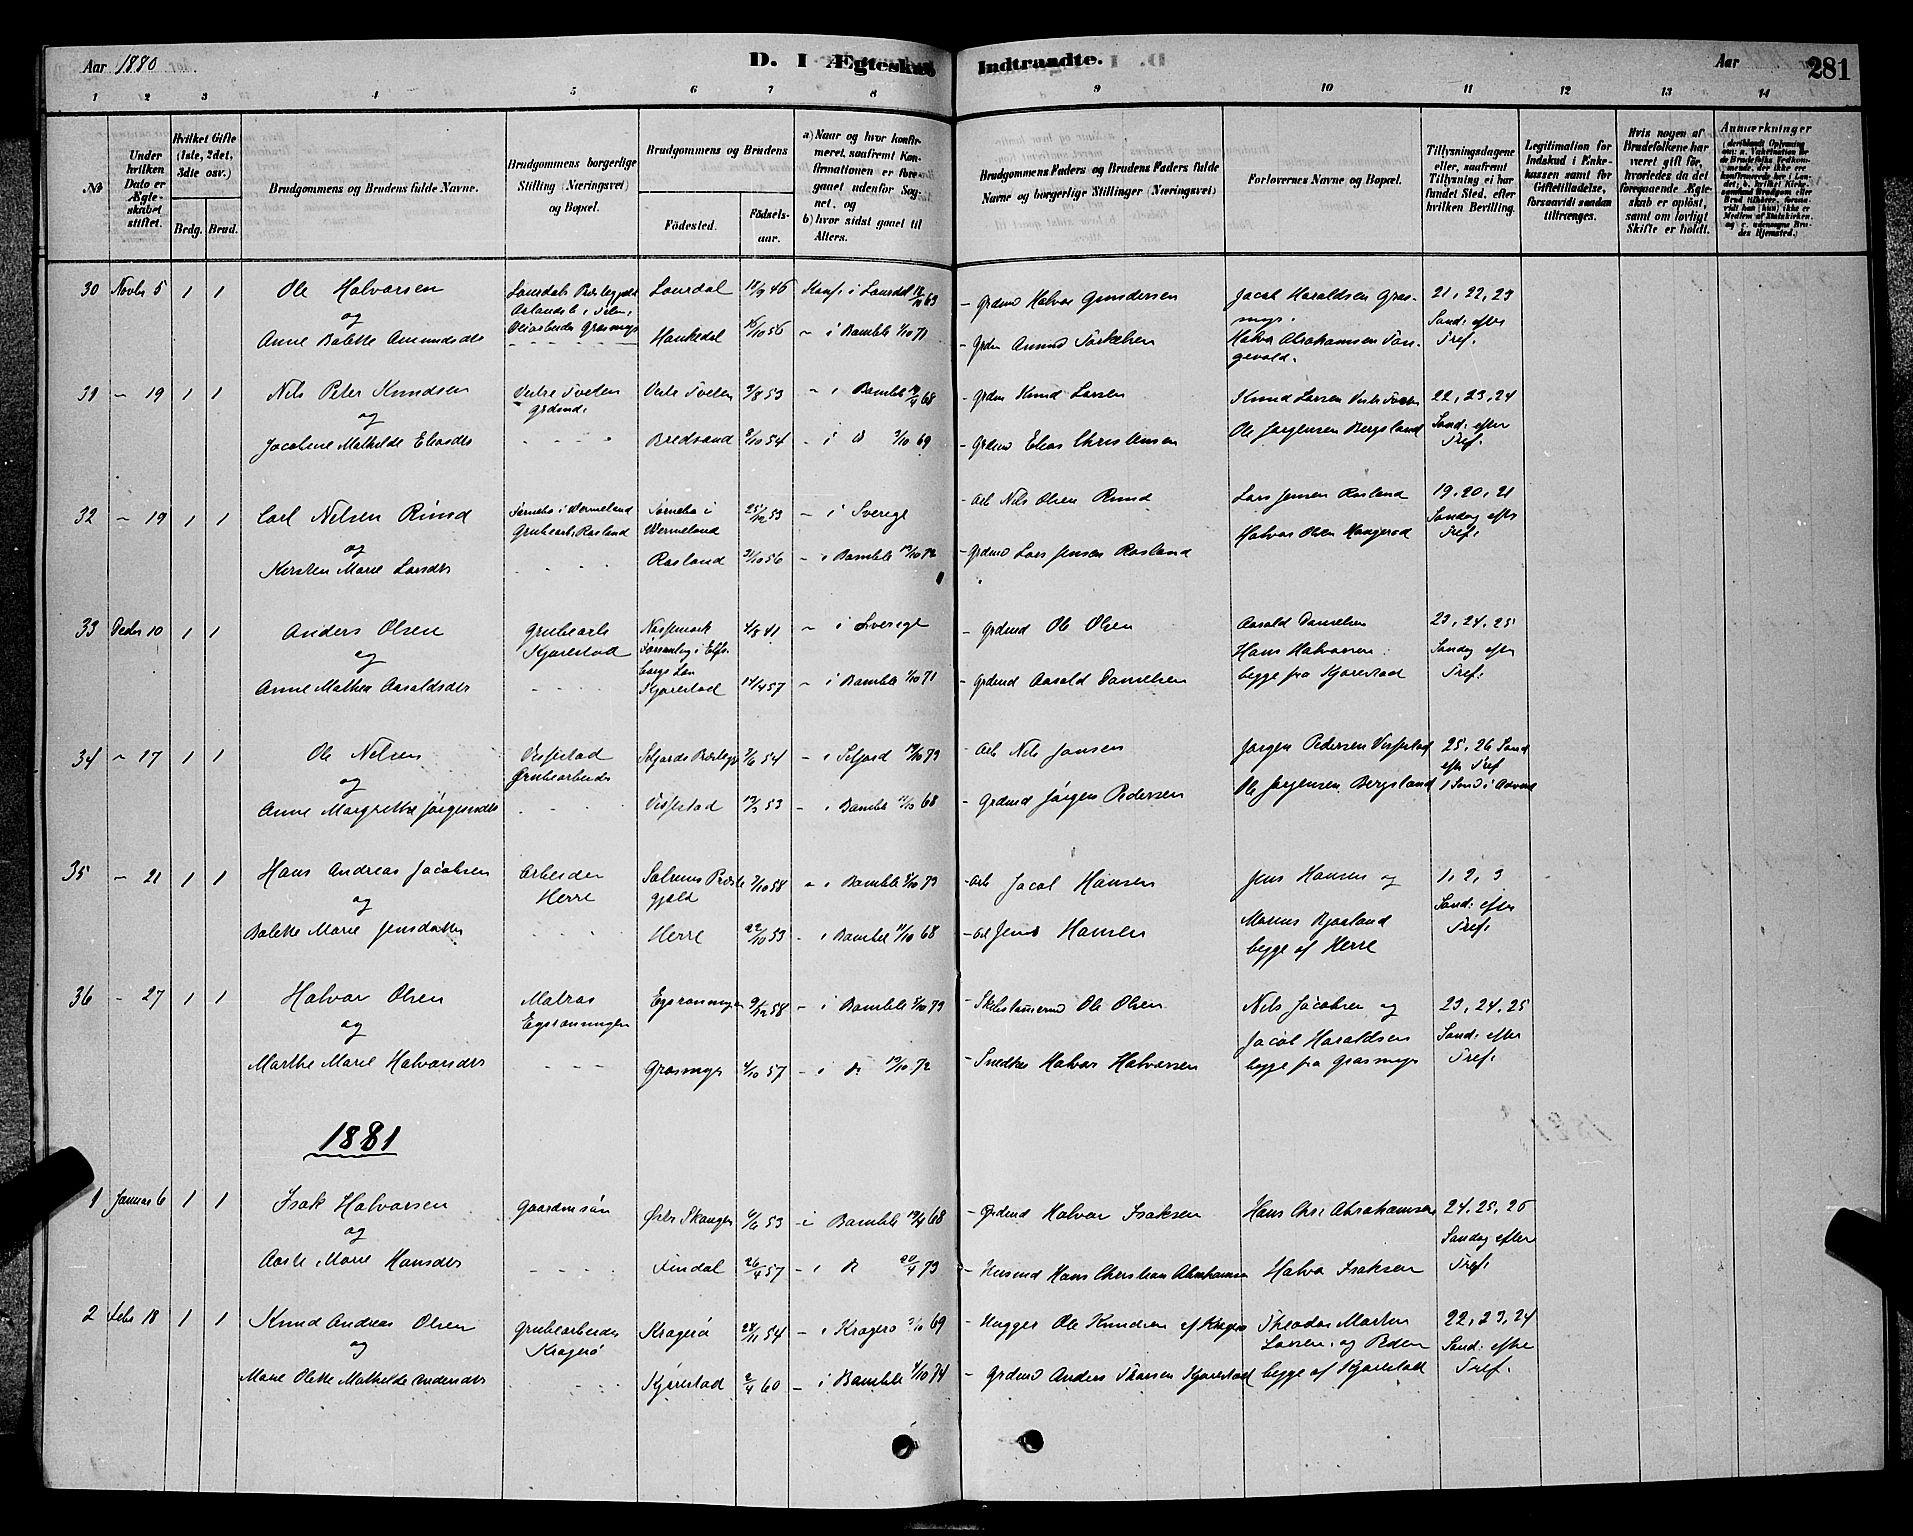 SAKO, Bamble kirkebøker, G/Ga/L0008: Klokkerbok nr. I 8, 1878-1888, s. 281